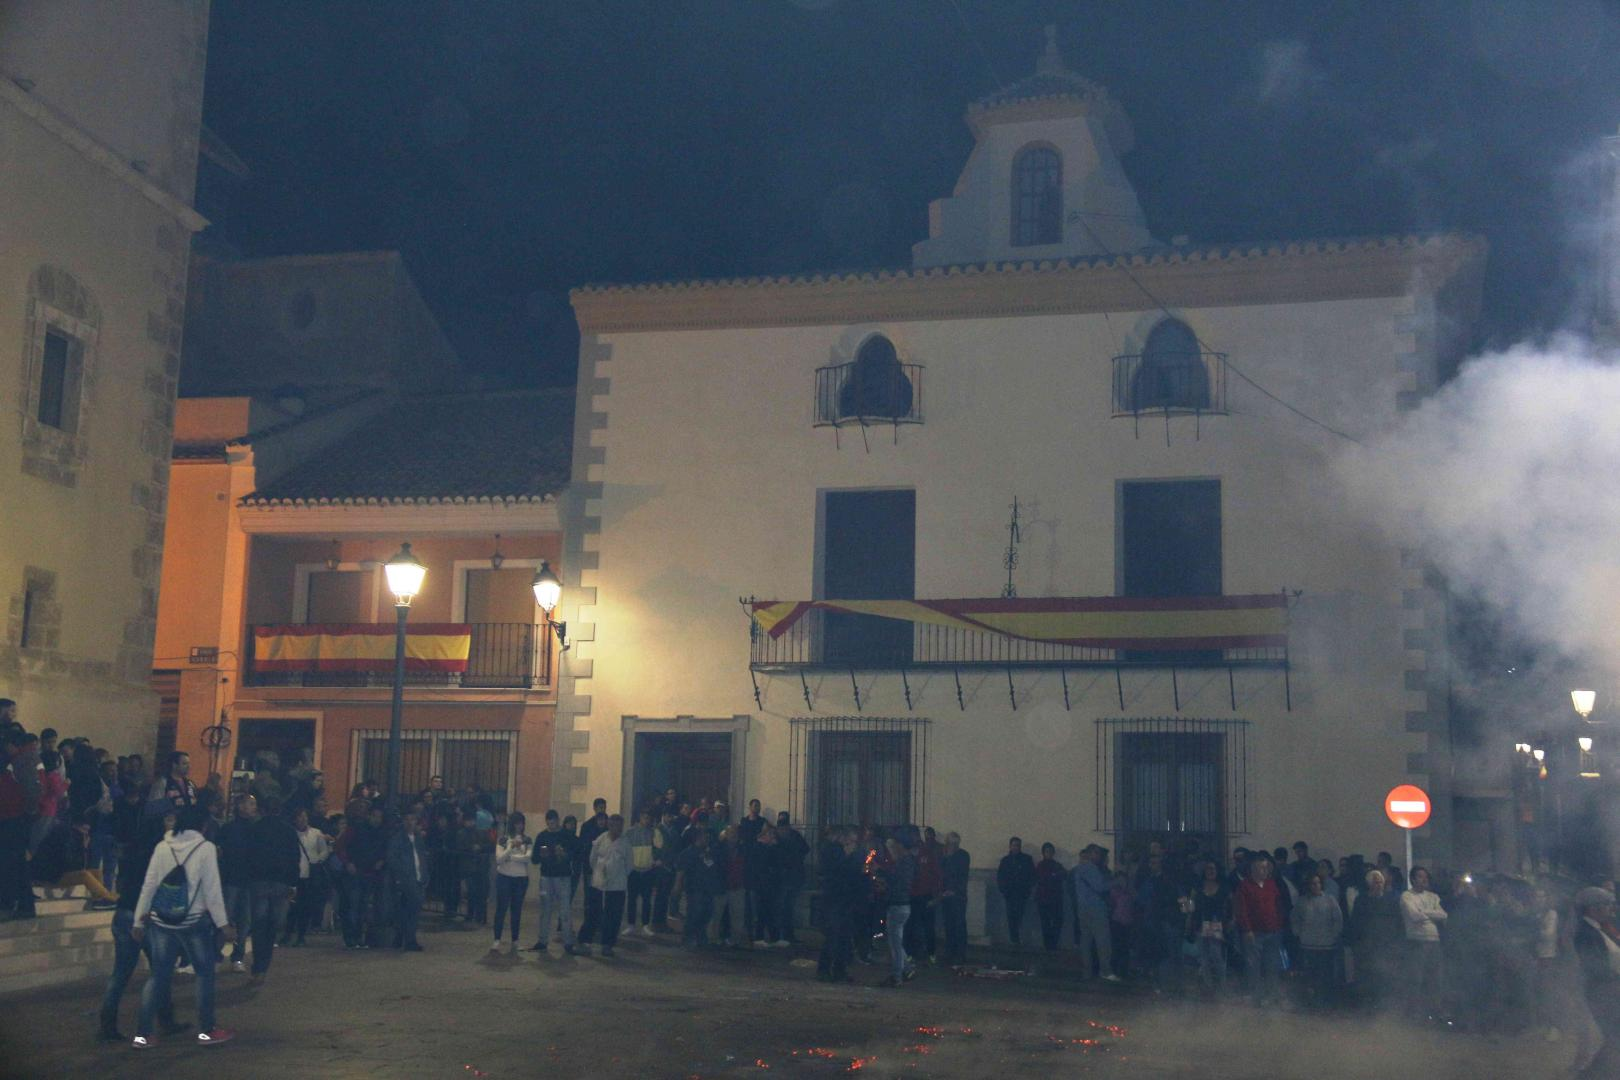 Romería de San Roque 2016 en Blanca. Hacia la Iglesia